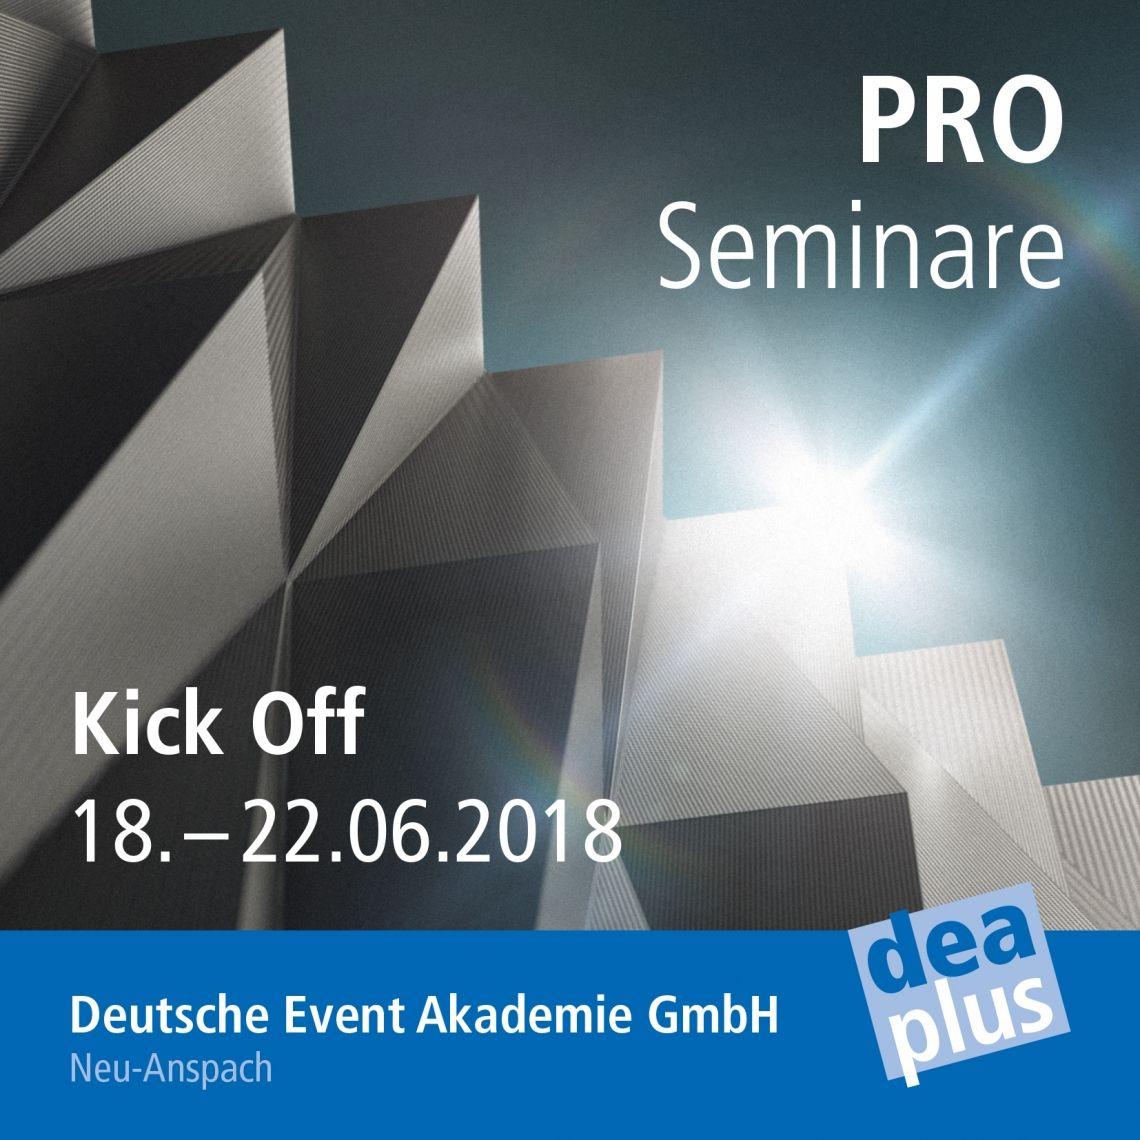 PROseminare - das neue Weiterbildungsformat made by DEAplus